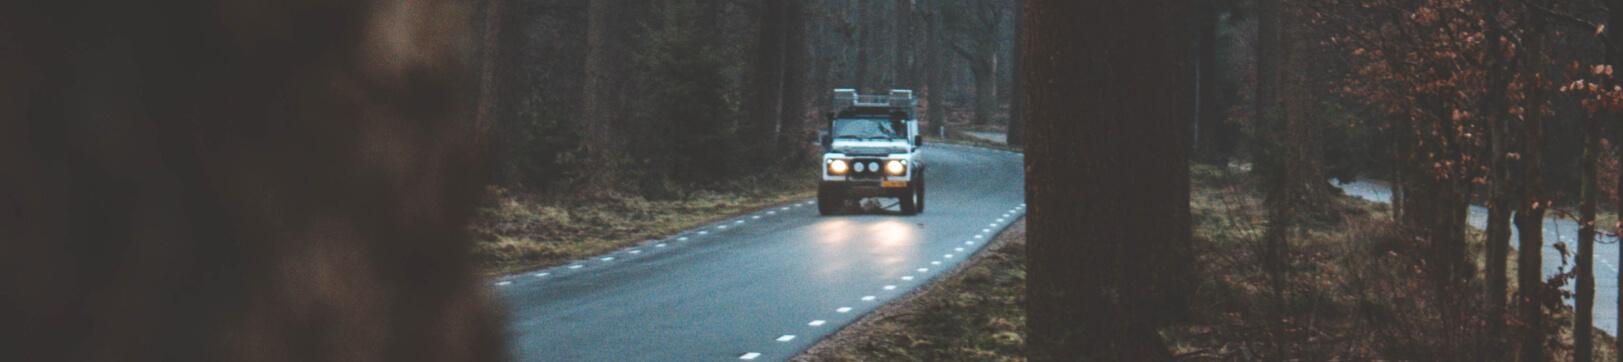 Kapotte Accu Van De Auto Automobielbedrijf Zeilmaker